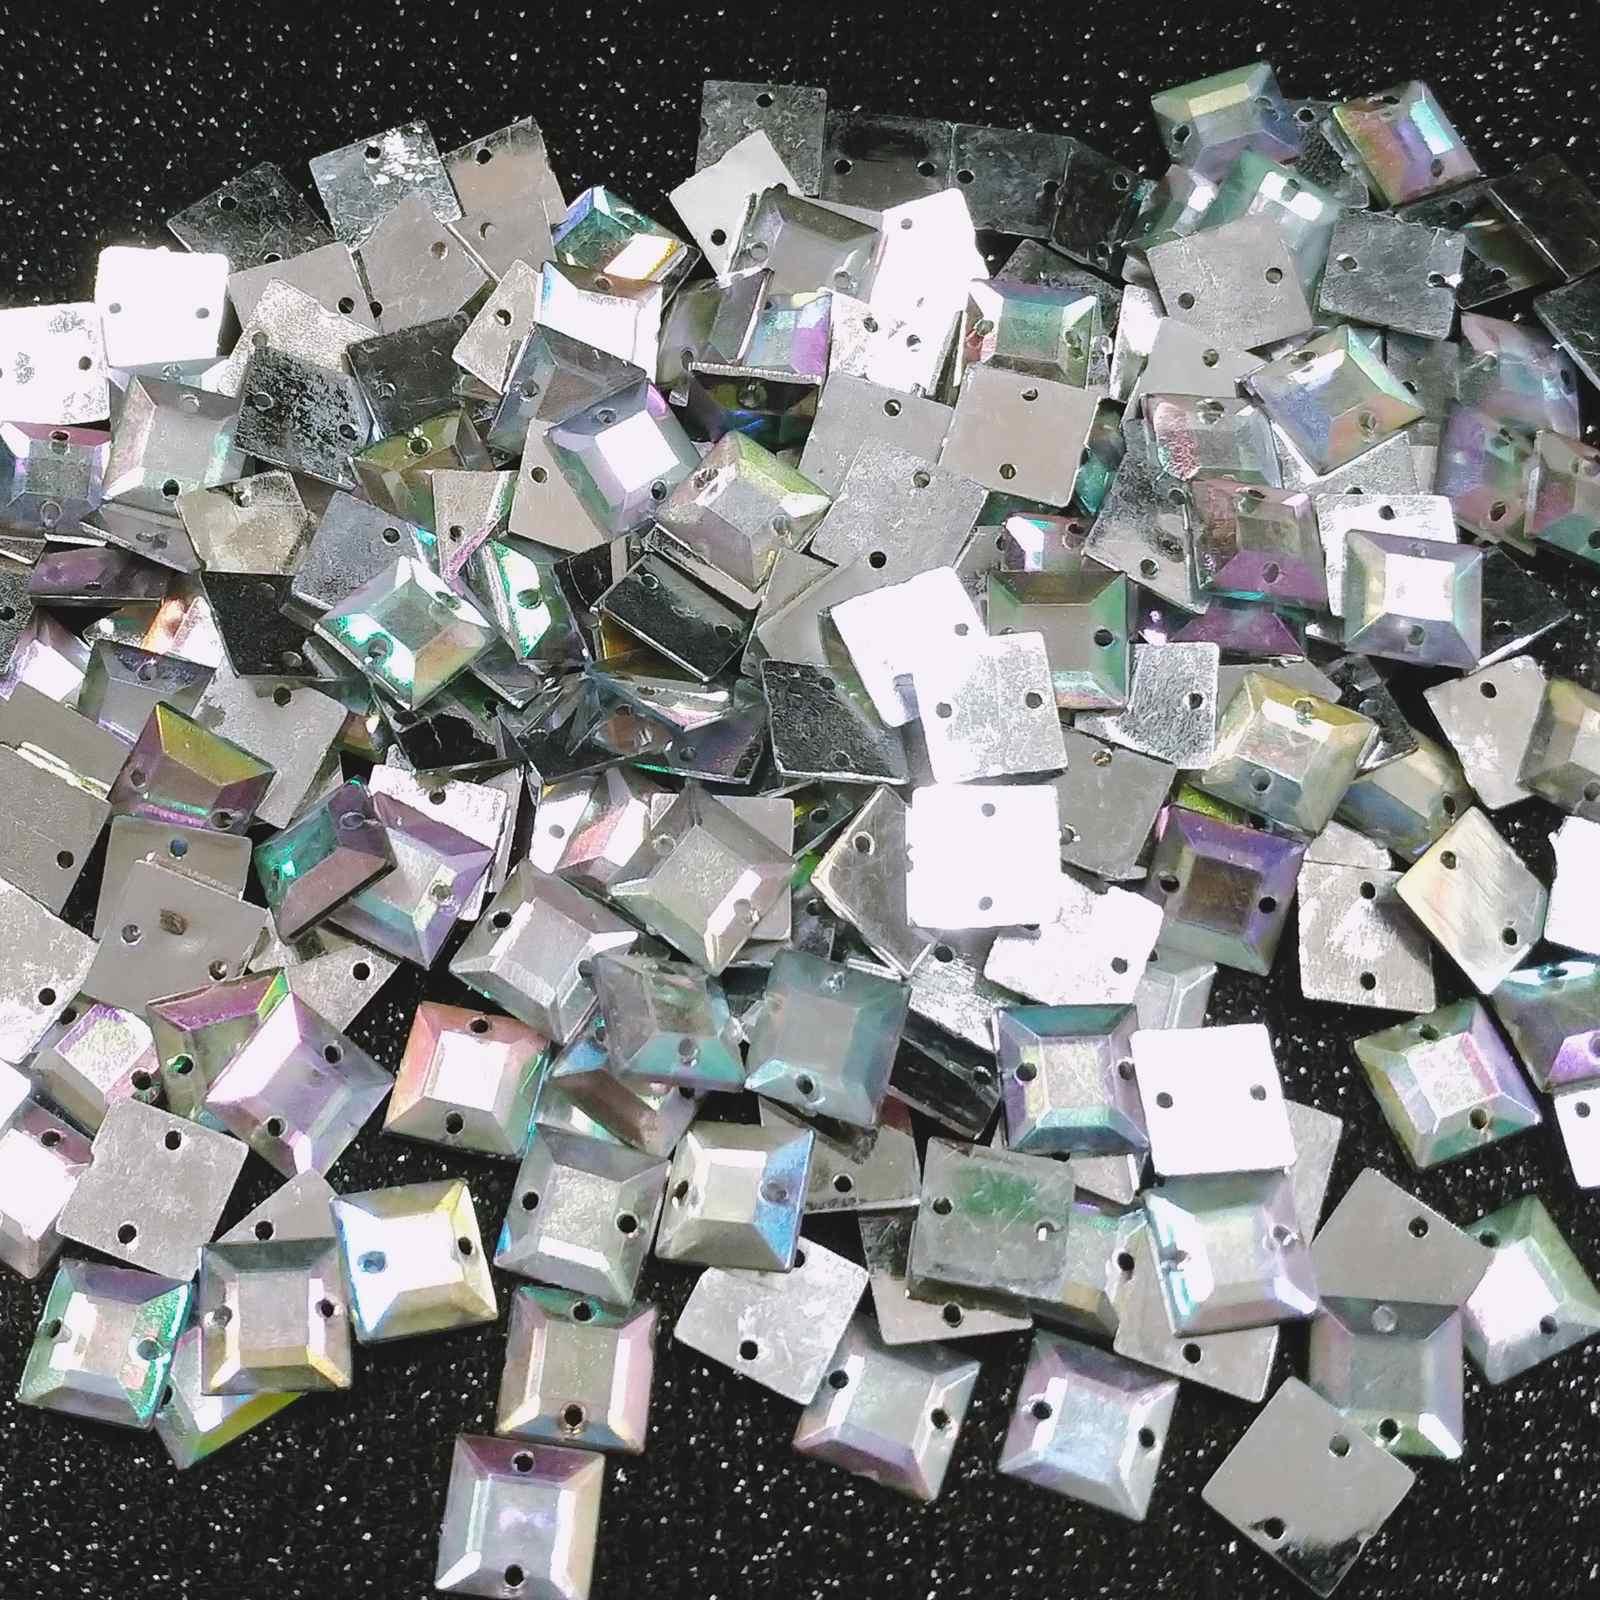 Chaton Quadrado Acrilico - 10x10 - Pacote com 1.000 unidades